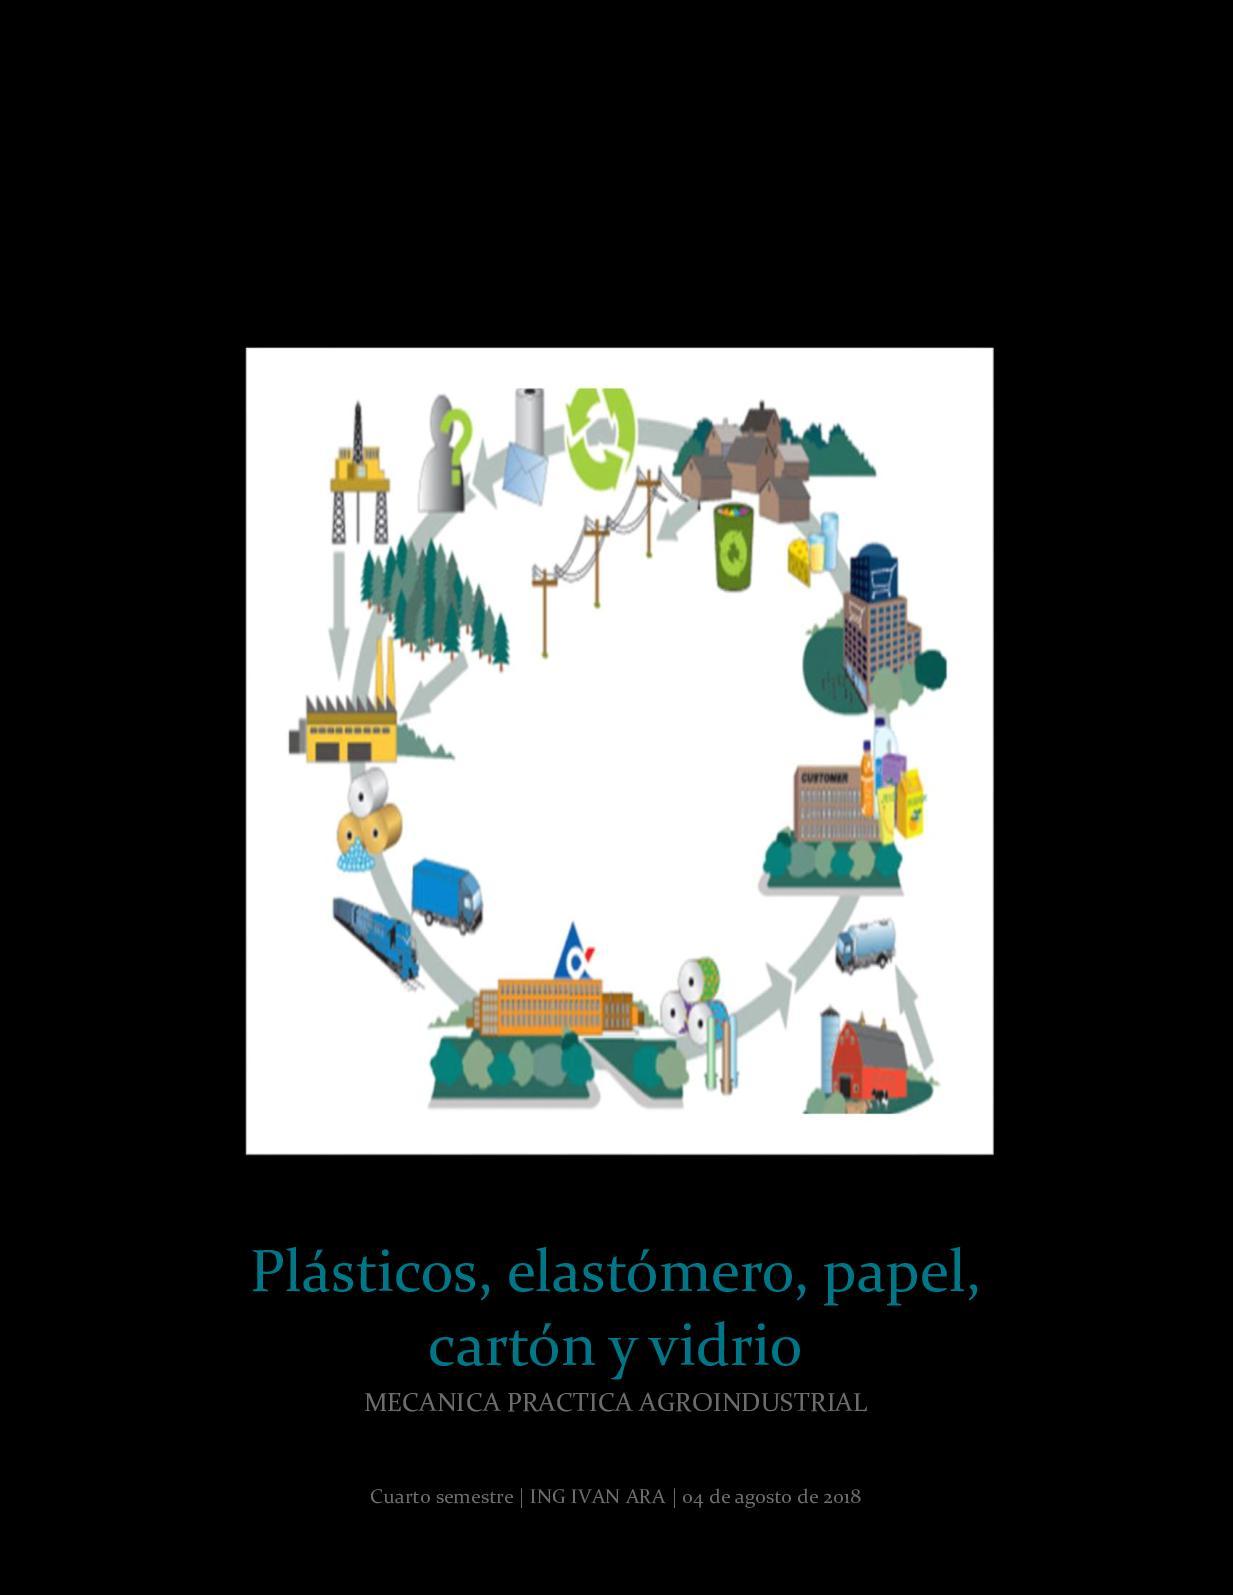 751f47c4a Calaméo - Plasticos, elastones, papel, carton y vidrio